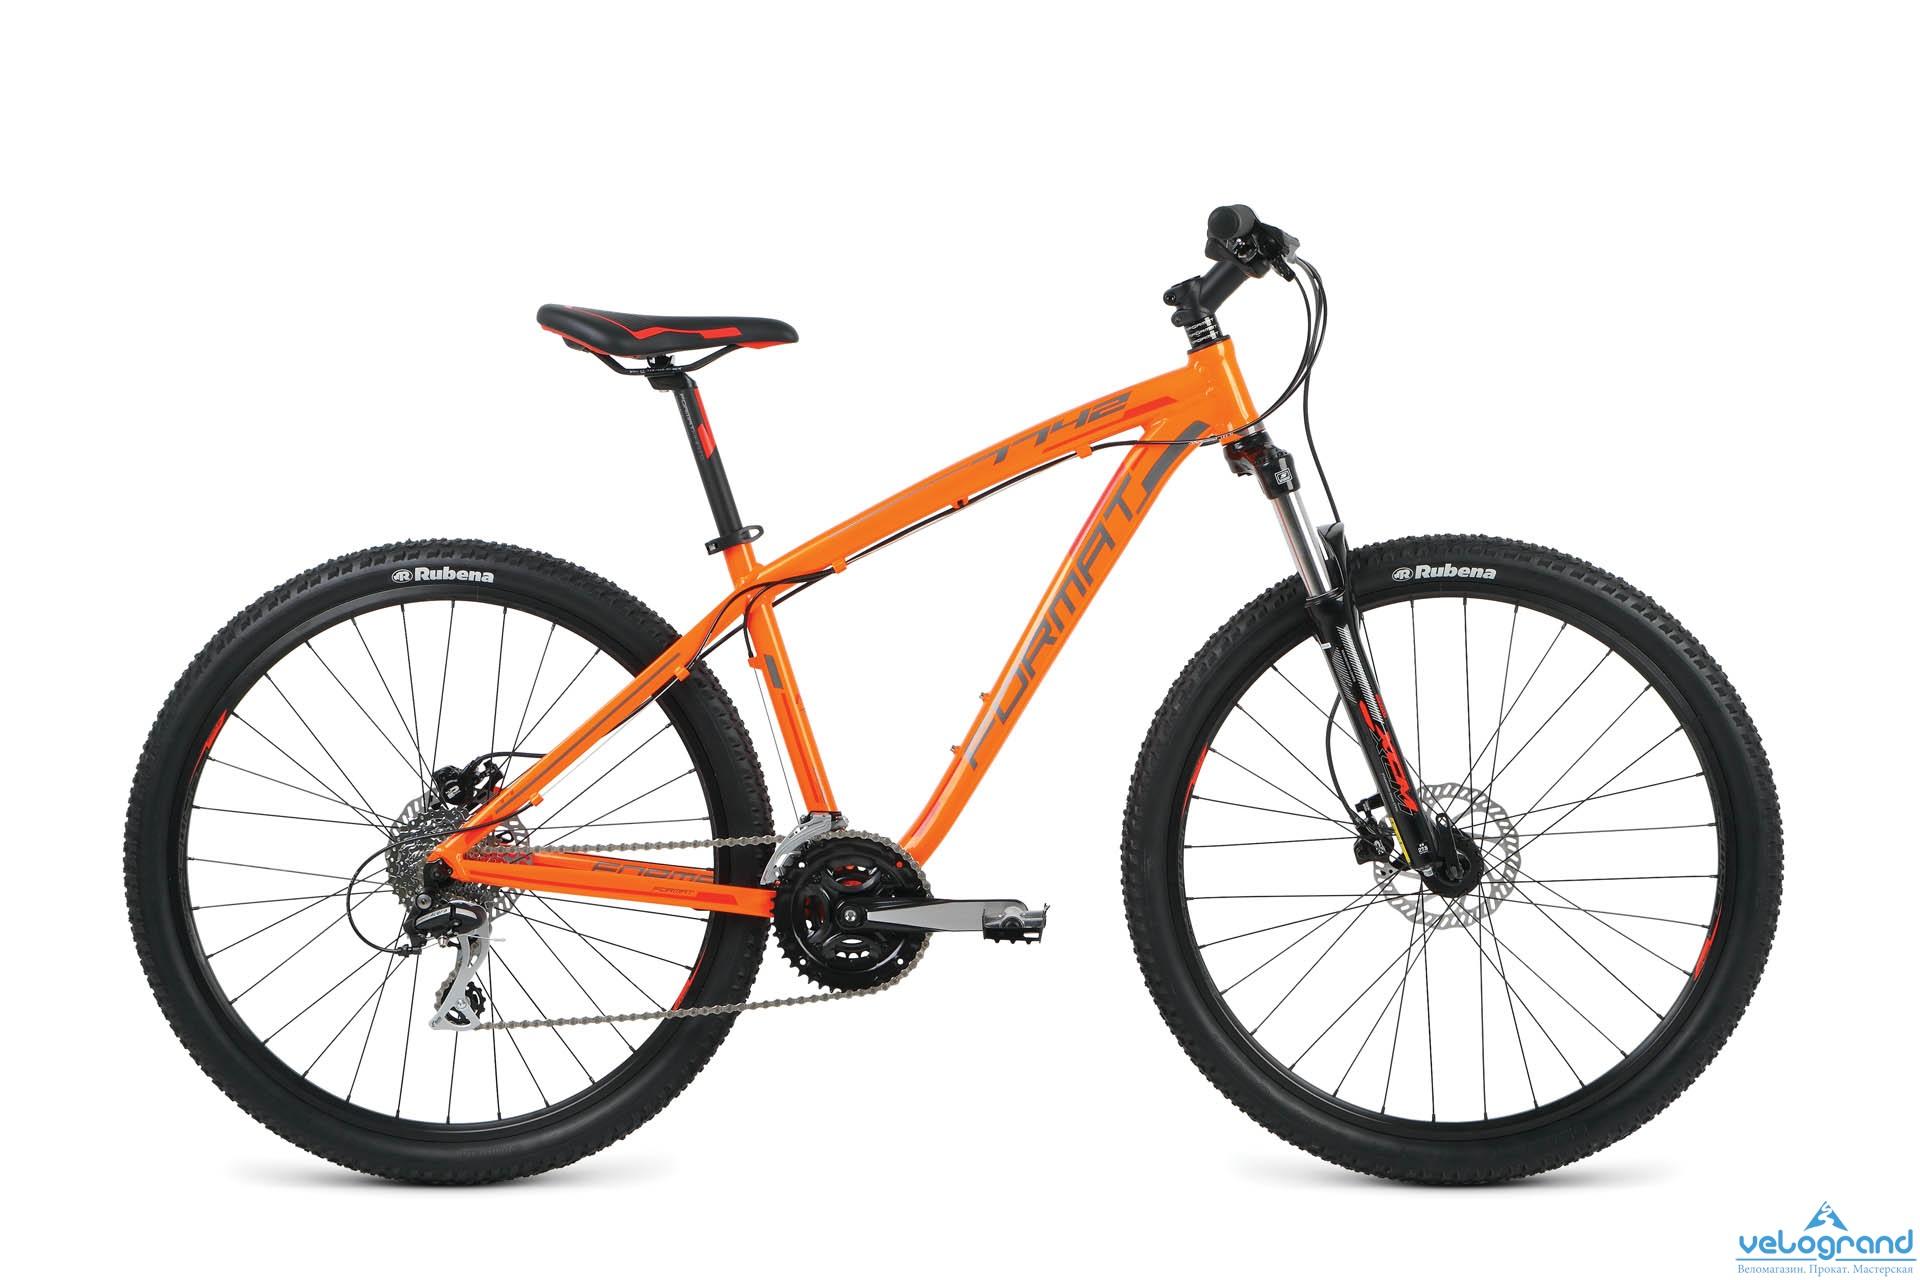 Женский велосипед Format 7742 (2016), Цвет Оранжевый, Размер 18Спортивные велосипеды<br><br><br><br><br><br><br>Рама<br><br><br>Al 6061 Format custom tubing<br><br><br><br><br>Вилка<br><br><br>SR Suntour XCM HLO 100 мм, блокировка, рег. жёсткости<br><br><br><br><br>Задний амортизатор<br><br><br>-<br><br><br><br><br>Манетки<br><br><br>Shimano Altus<br><br><br><br><br>Передний переключатель<br><br><br>Shimano Altus<br><br><br><br><br>Задний переключатель<br><br><br>Shimano Alivio<br><br><br><br><br>Шатуны<br><br><br>Shimano Tourney 42/34/24t<br><br><br><br><br>Количество скоростей<br><br><br>24<br><br><br><br><br>Bтулка<br><br><br>Alloy QR<br><br><br><br><br>Покрышка<br><br><br>Schwalbe Rapid Rob, 26x2.10<br><br><br><br><br>Передний тормоз<br><br><br>Tektro HDC-300 гидр. диск. 160 мм<br><br><br><br><br>Задний тормоз<br><br><br>Tektro HDC-300 гидр. диск. 160 мм<br><br><br><br> <br> <br><br><br><br>Производство<br><br><br>Разработка: Россия. Производство: КНР (Тайвань).<br><br>Модельный год: 2016<br>Материал рамы: Алюминий<br>Диаметр колес: 27.5 дюймов<br>Количество скоростей: 24 скорости<br>Возраст: Взрослый<br>Тип тормозов: Дисковые гидравлические<br>Цвет: Оранжевый<br>Размер INCH: 18